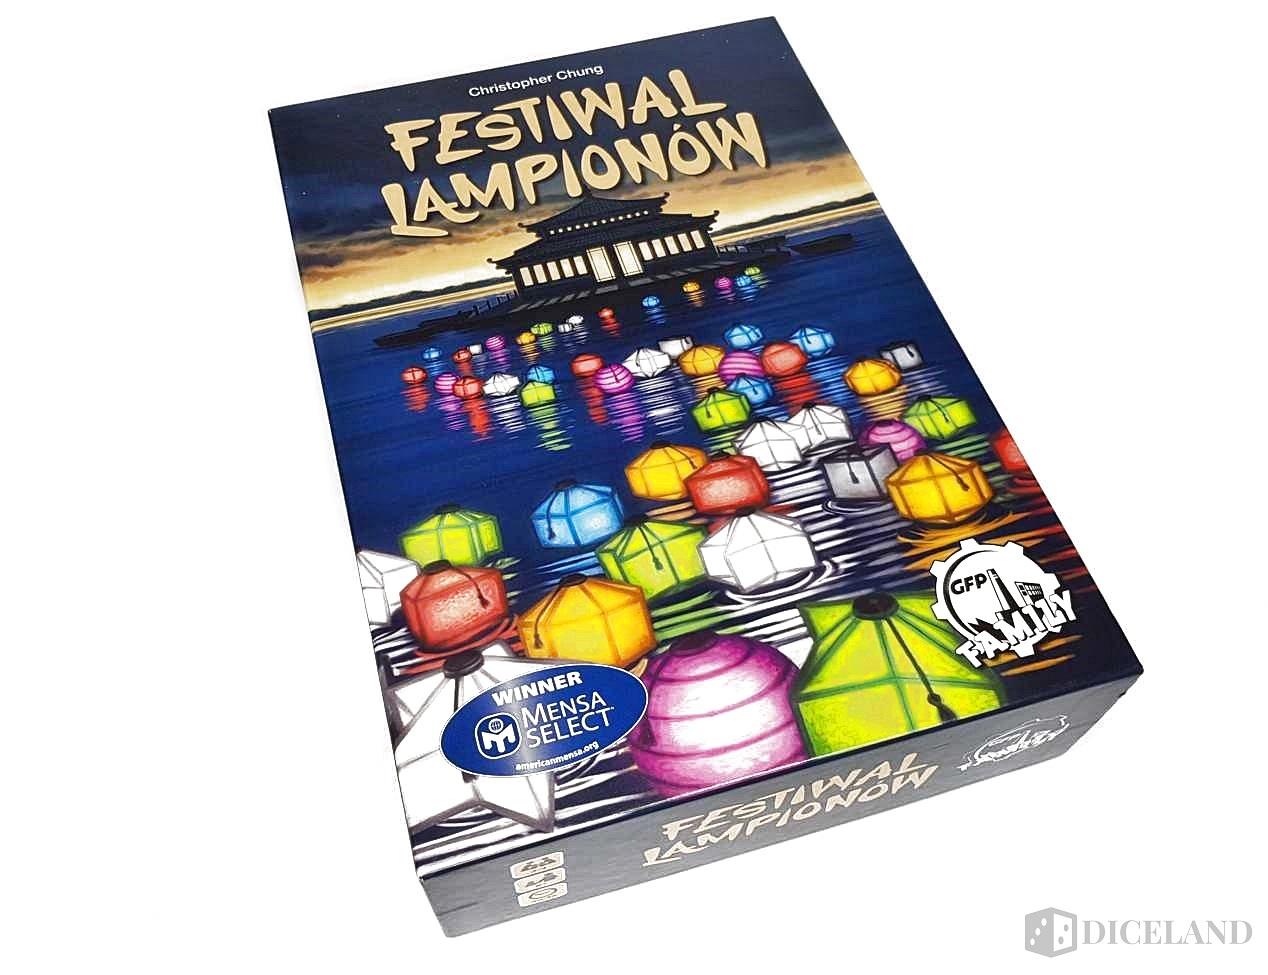 Festiwal Lampionów 1 Recenzja #136 Festiwal Lampionów